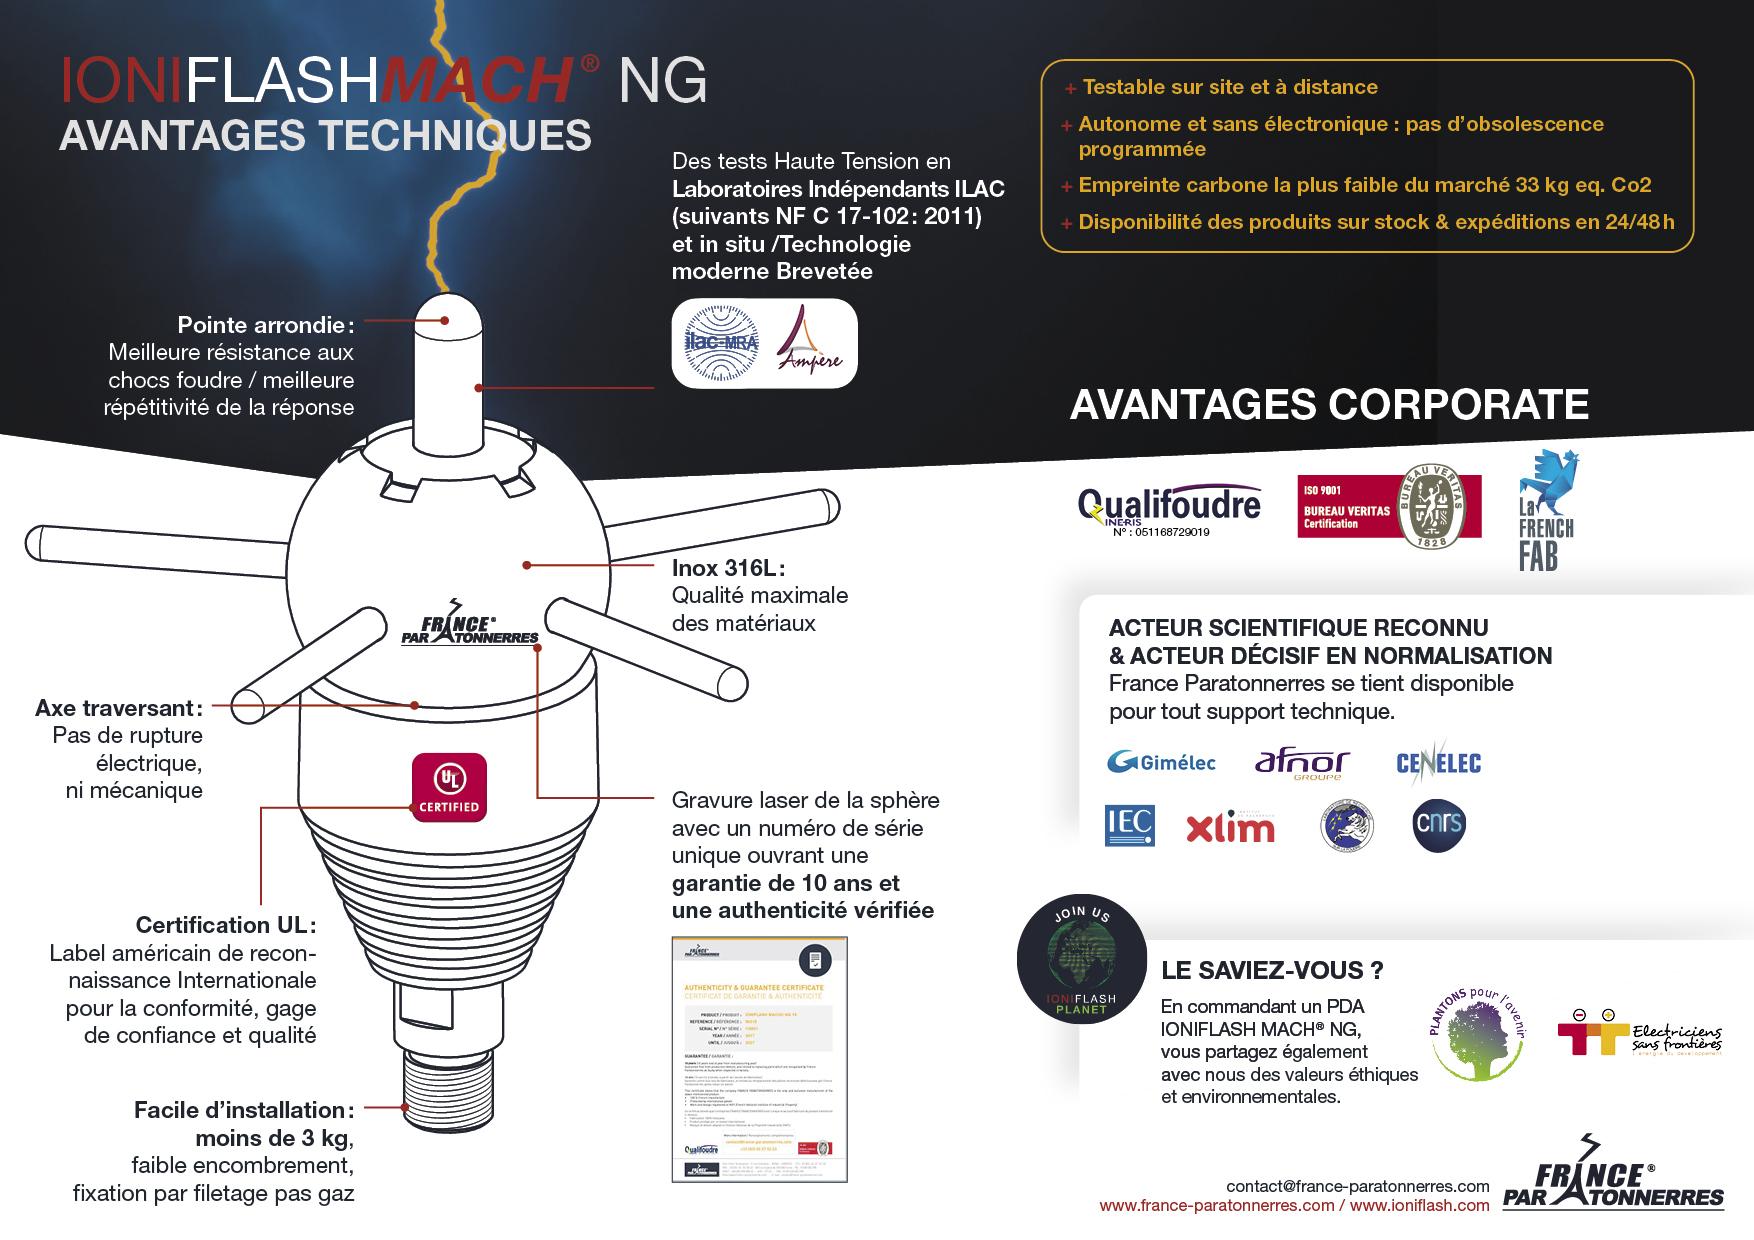 IONIFLASH MACH NG : Un concentré d'avantages et de supériorités!